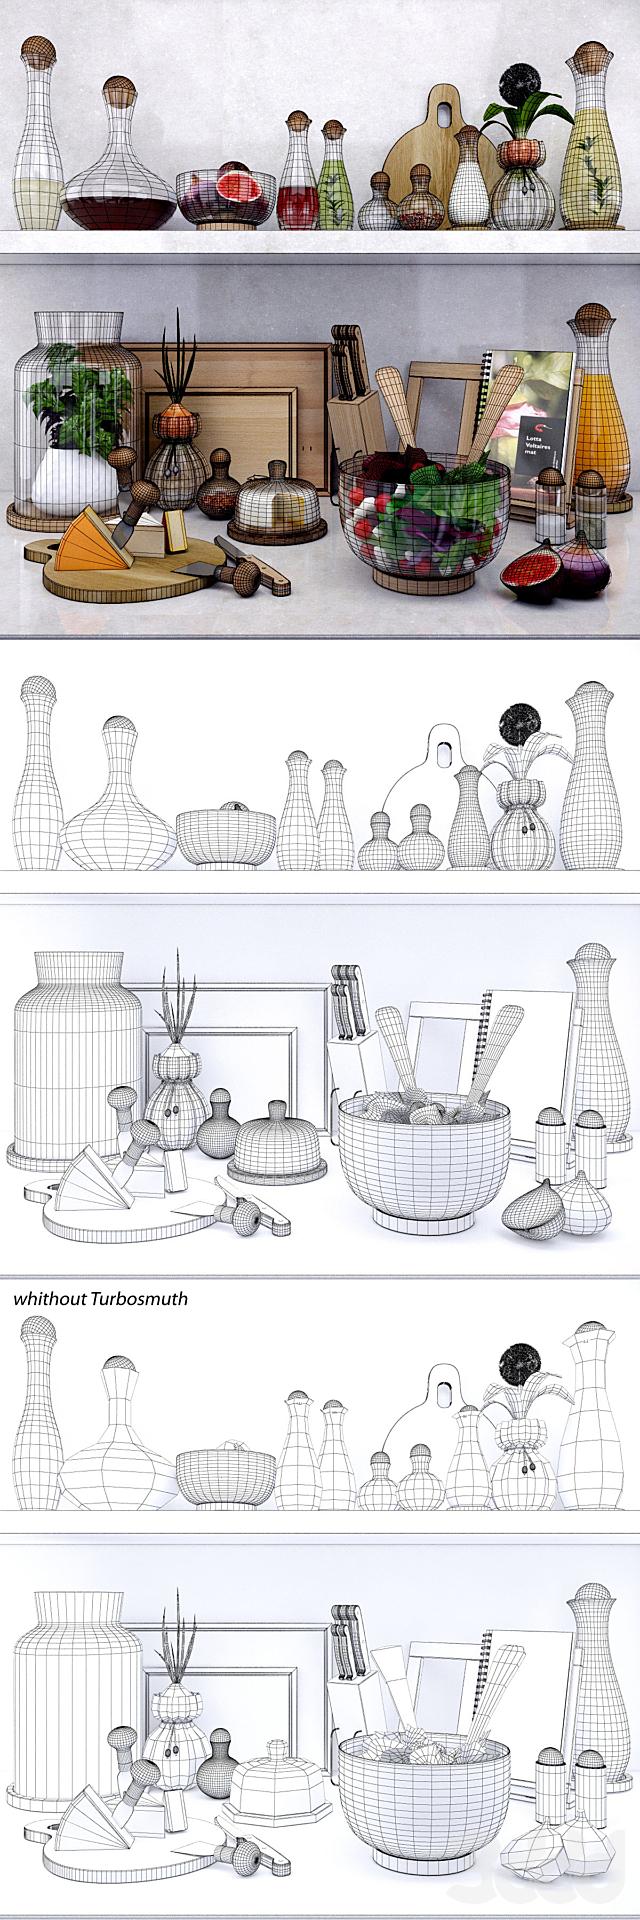 Kitchen set by Sagaform